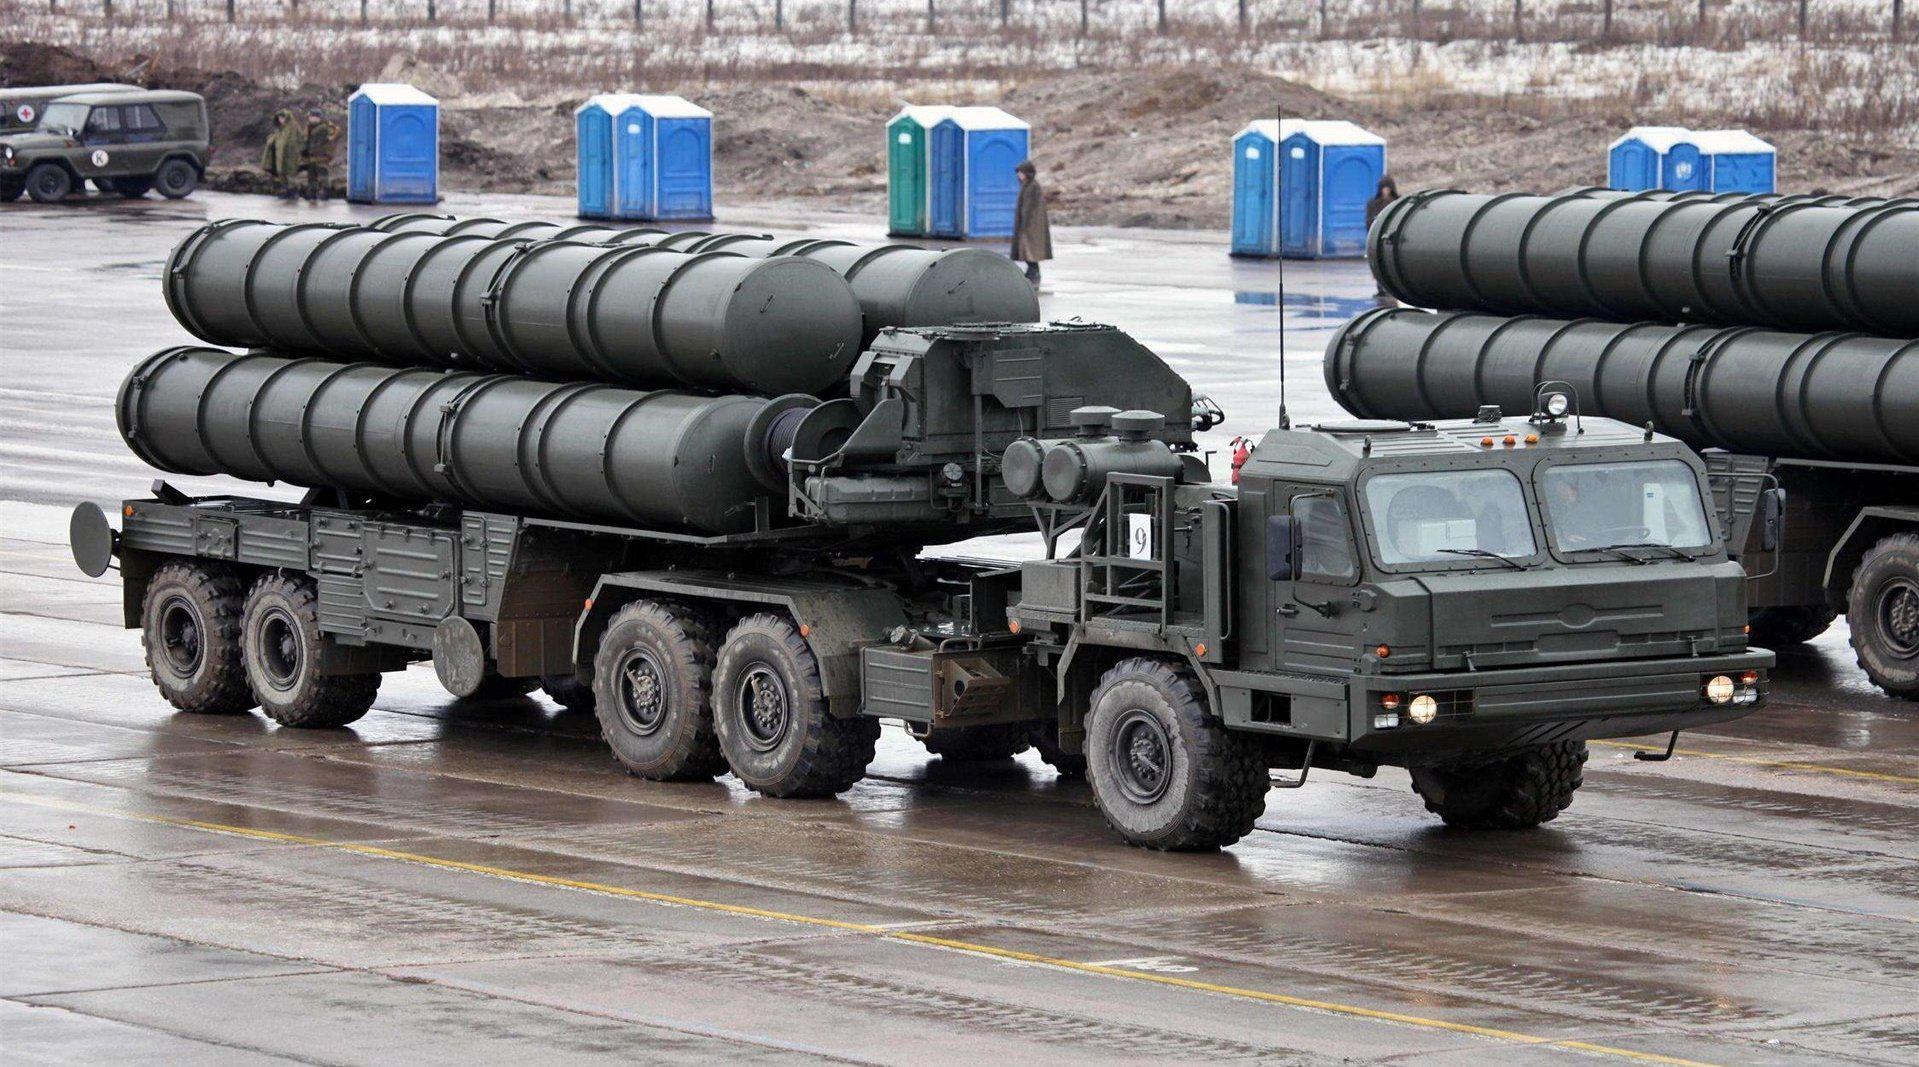 土耳其与乌克兰签署军事合作协议……